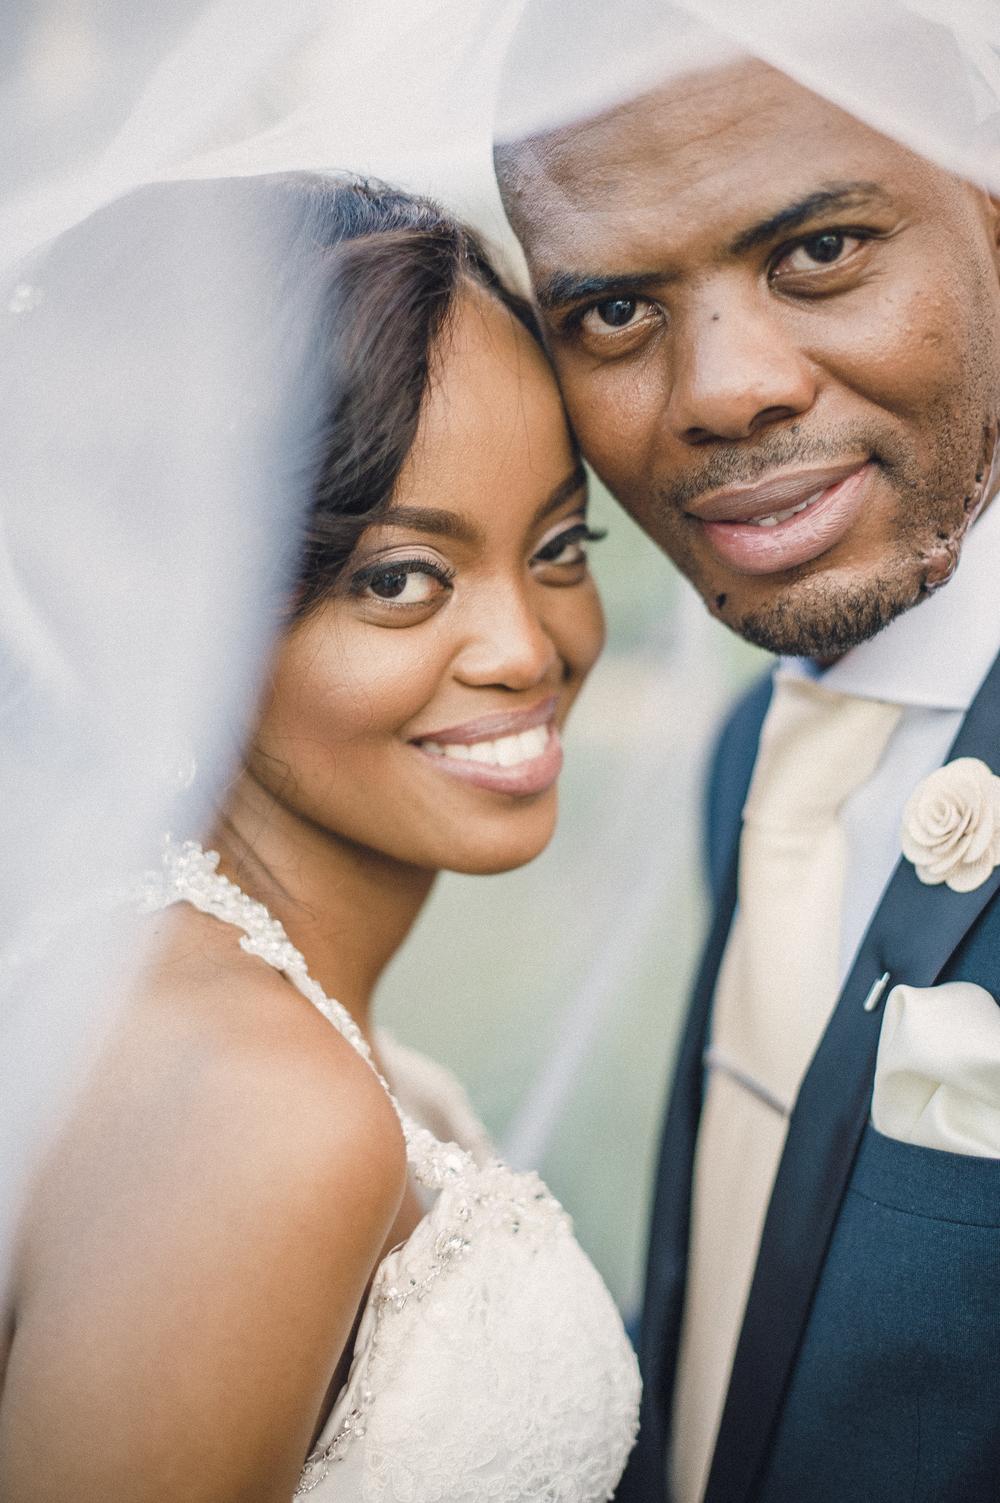 RyanParker_WeddingPhotographer_FineArt_CapeTown_Johannesburg_Hermanus_Avianto_T&L_DSC_9338.jpg